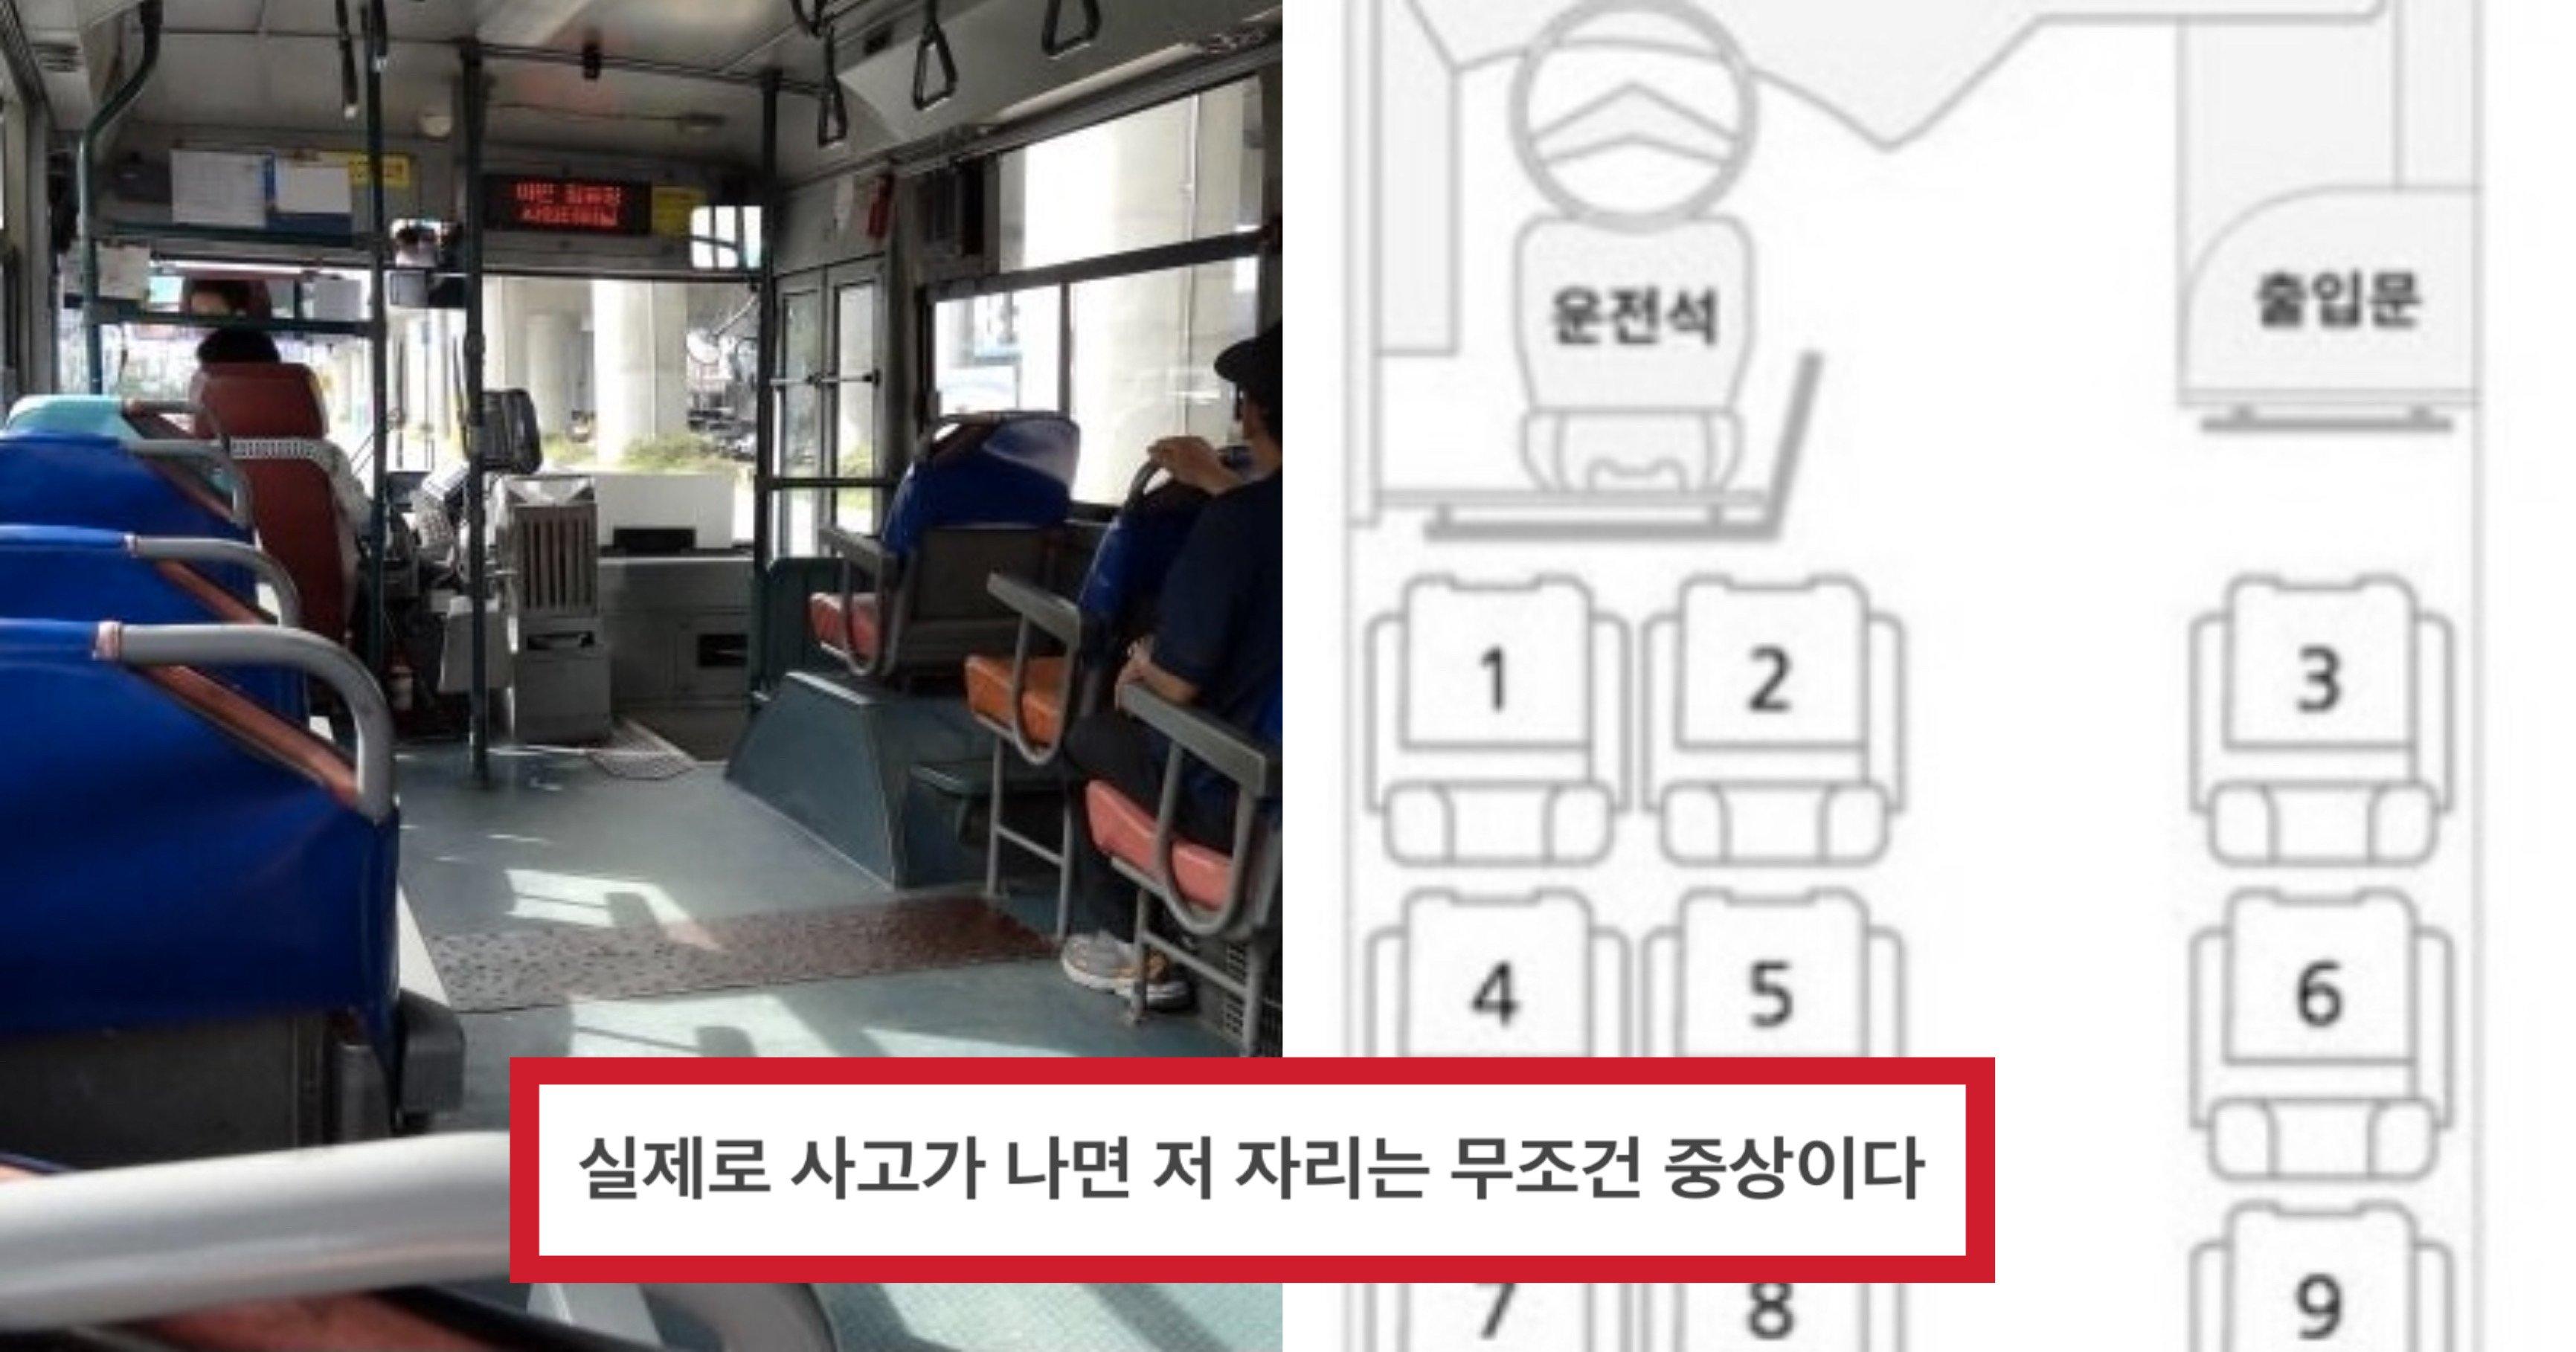 """9603f356 d6d8 4c78 af88 f0972c0bf41d.jpeg?resize=1200,630 - """"헐 버스 탈 때 저 자리는 절대 앉지 마세요!!""""..버스 탑승할 때 사실은 너무 위험해서 앉으면 안된다는 자리"""